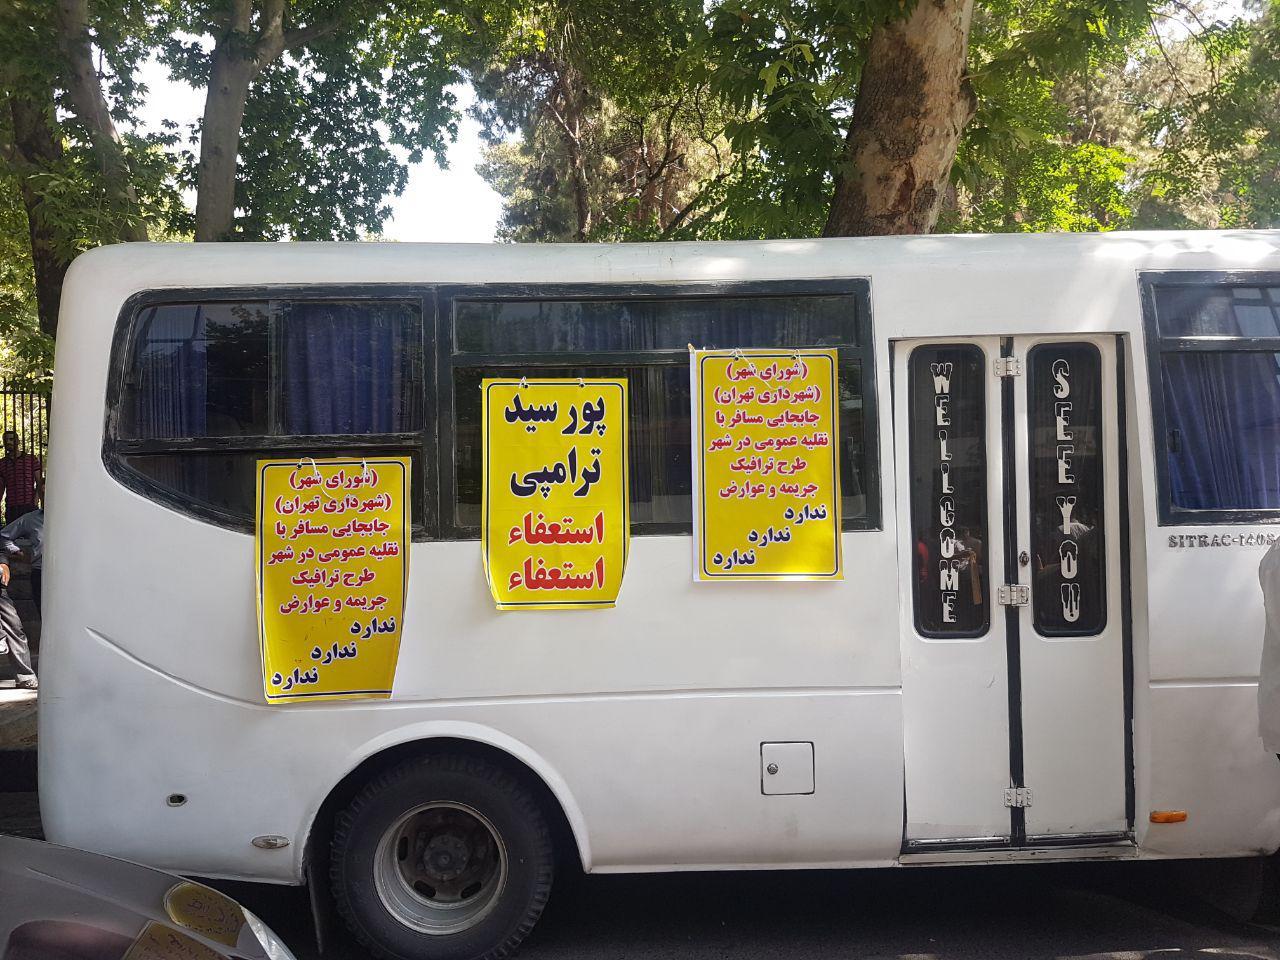 دعوای شورا و شهرداری تهران بالا گرفت/ خودروهای عمومی قربانی طرح ترافیک جدید